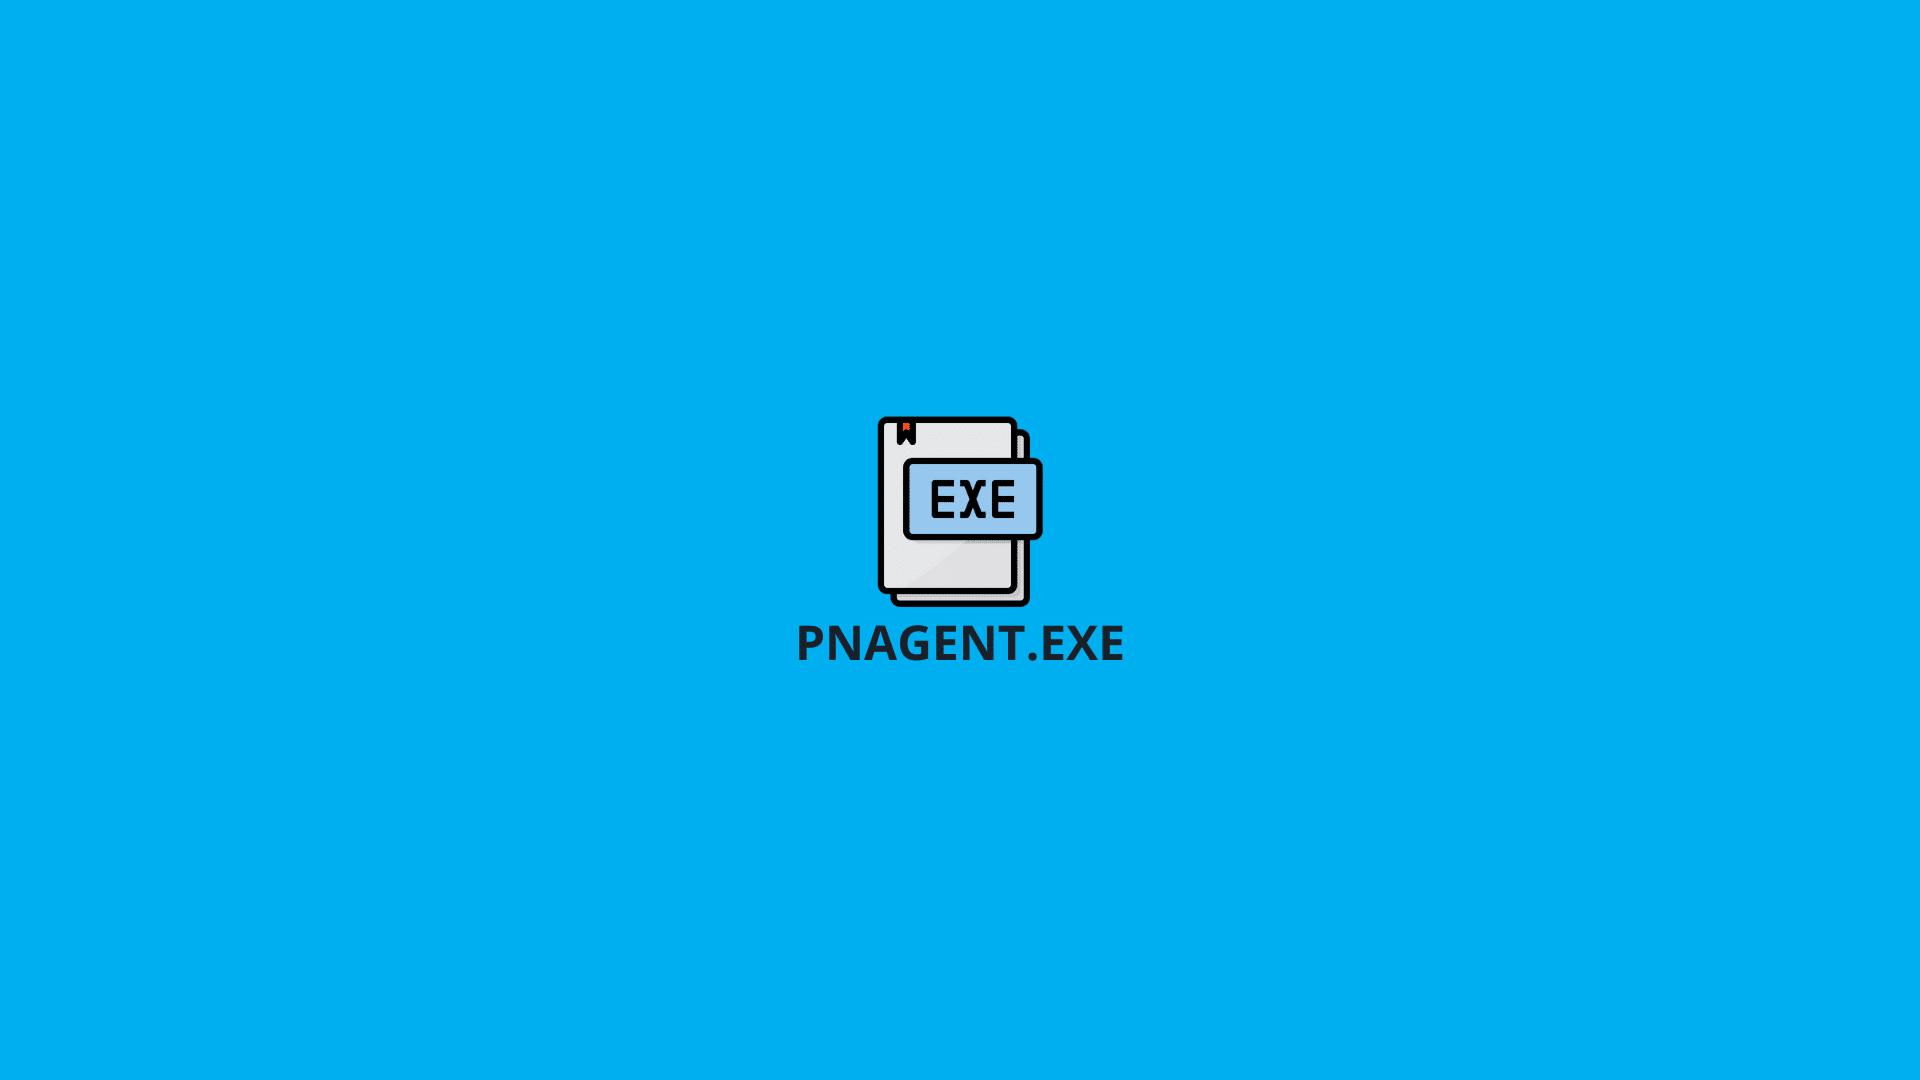 PNAgent.exe